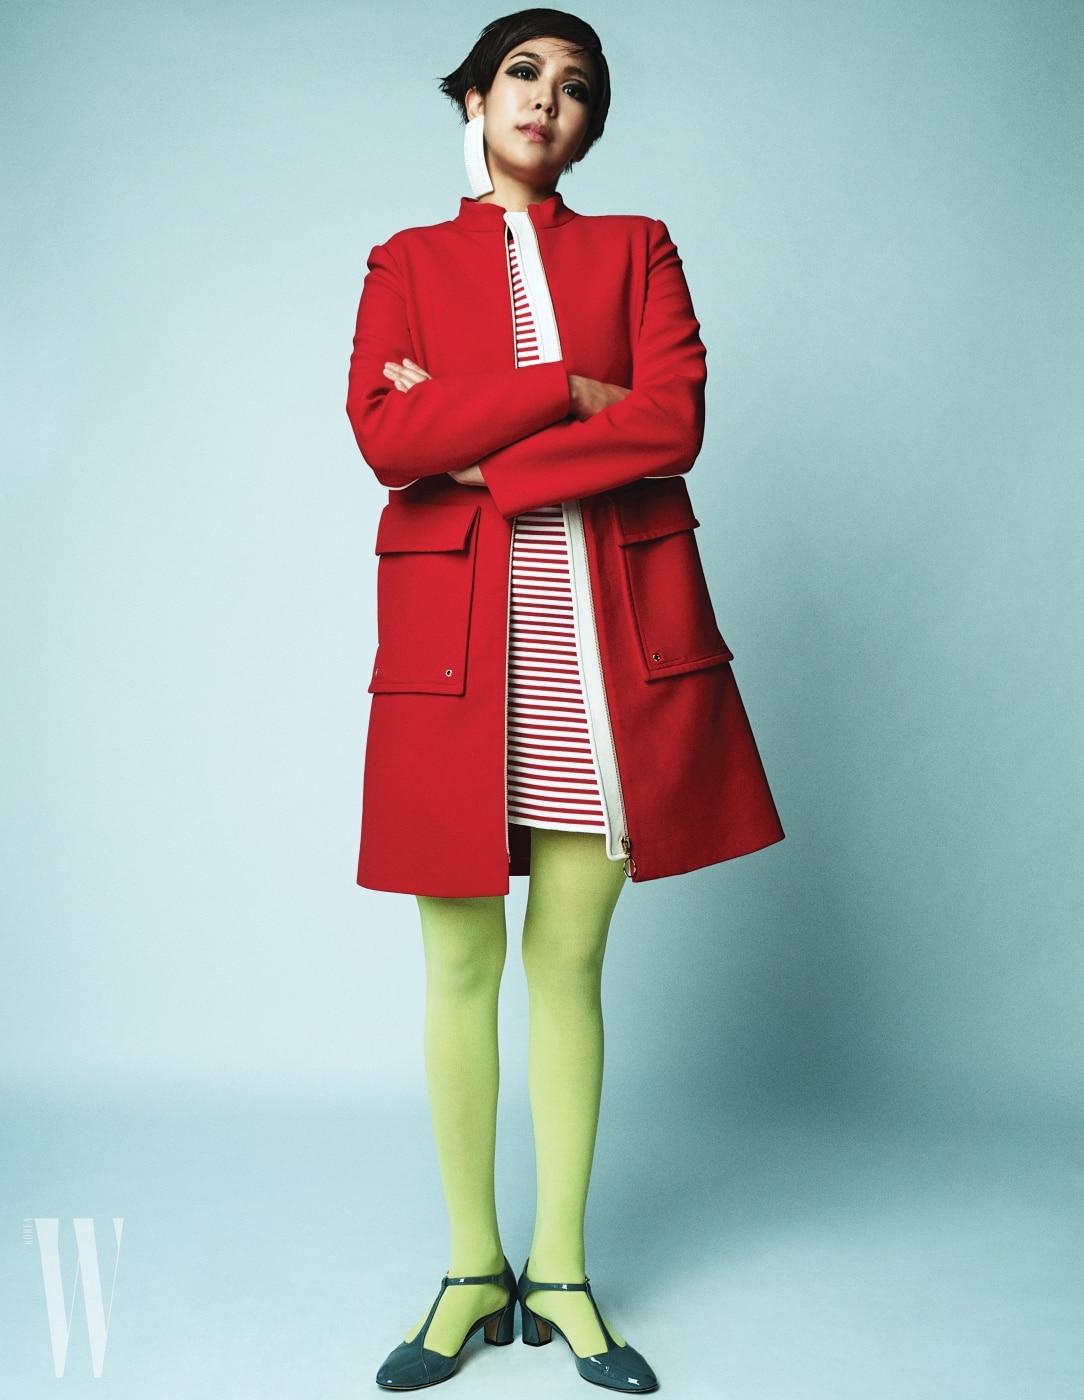 스튜디오 콘크리트 대표 차혜영이 입은 빨강 재킷은 Tara Jamon, 안에 입은 줄무늬 미니 드레스는 Sonia Rykiel, 페이턴트 소재의 회색 스트랩 슈즈는 Repetto, 사각 귀고리는 Balenciaga 제품.